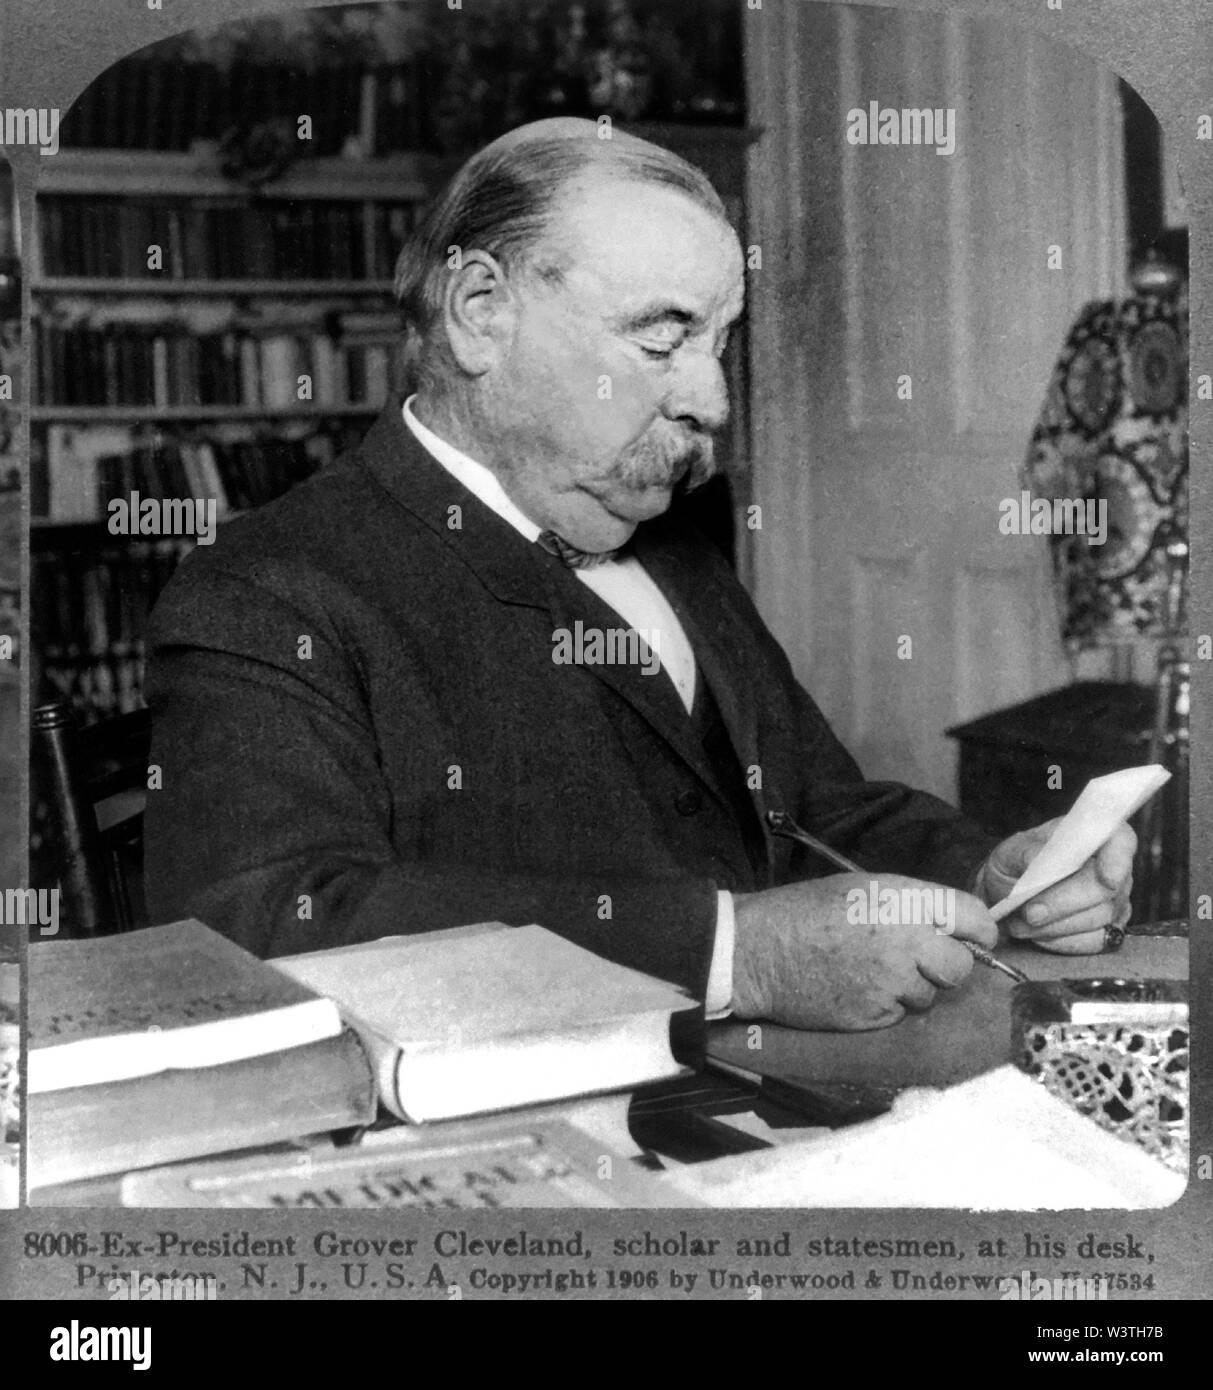 Ex-presidente Grover Cleveland en casa en Princeton, Nueva Jersey, EE.UU., tarjeta estéreo, Underwood & Underwood, 1906 Imagen De Stock